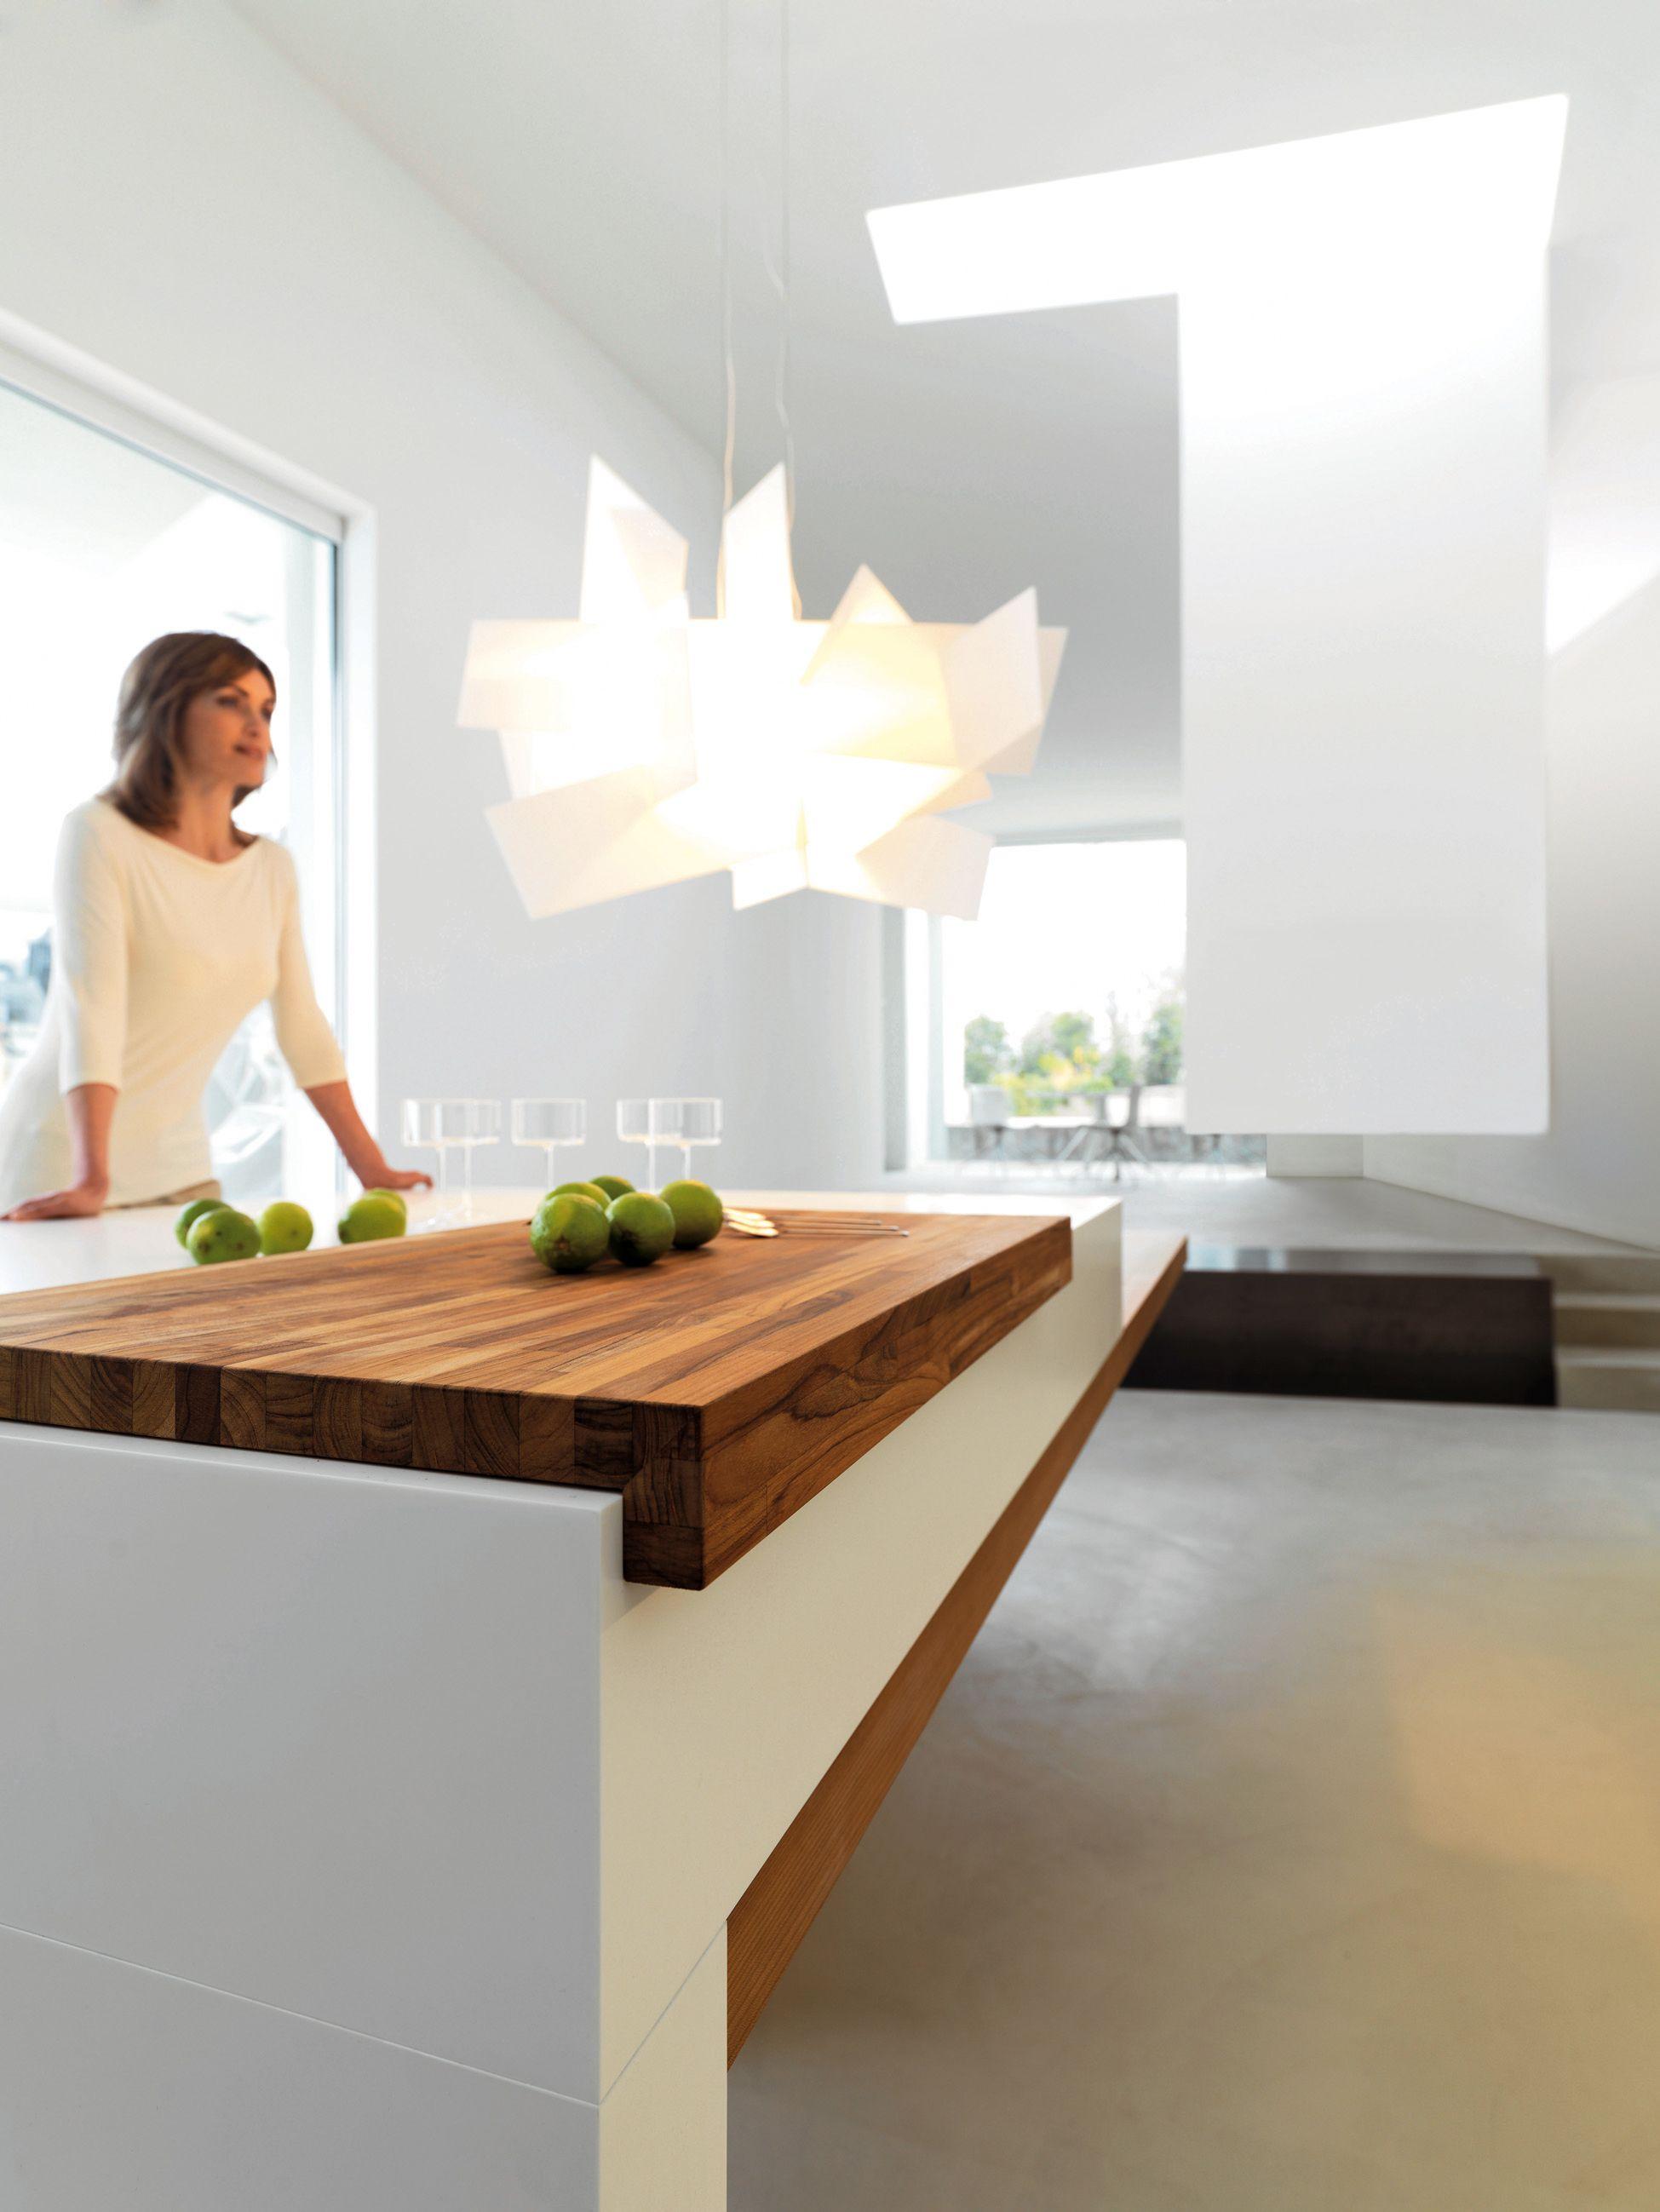 Snaidero Kube Kitchen Wood Furniture Biz Contemporary Kitchen Design Kitchen Island Bench Kitchen Design Modern Contemporary